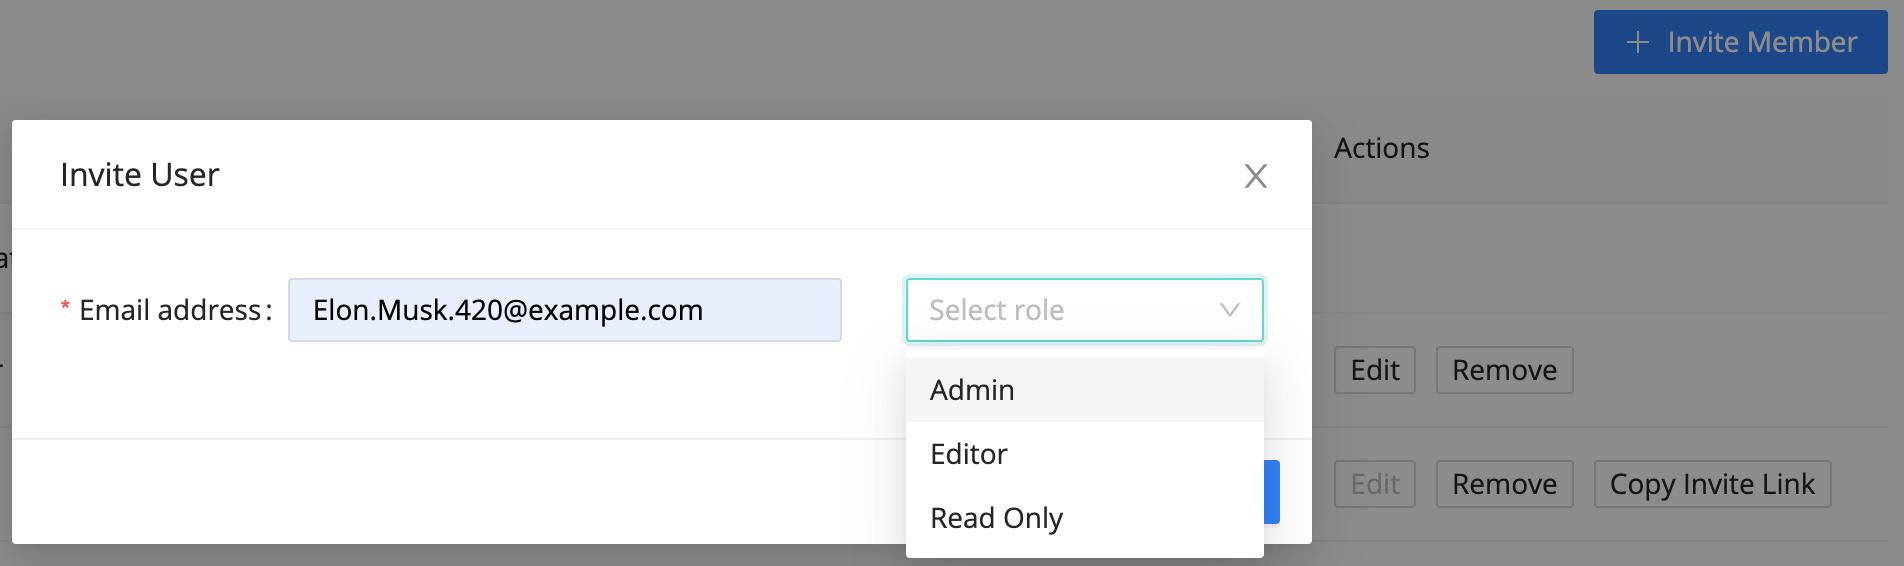 Invite User modal